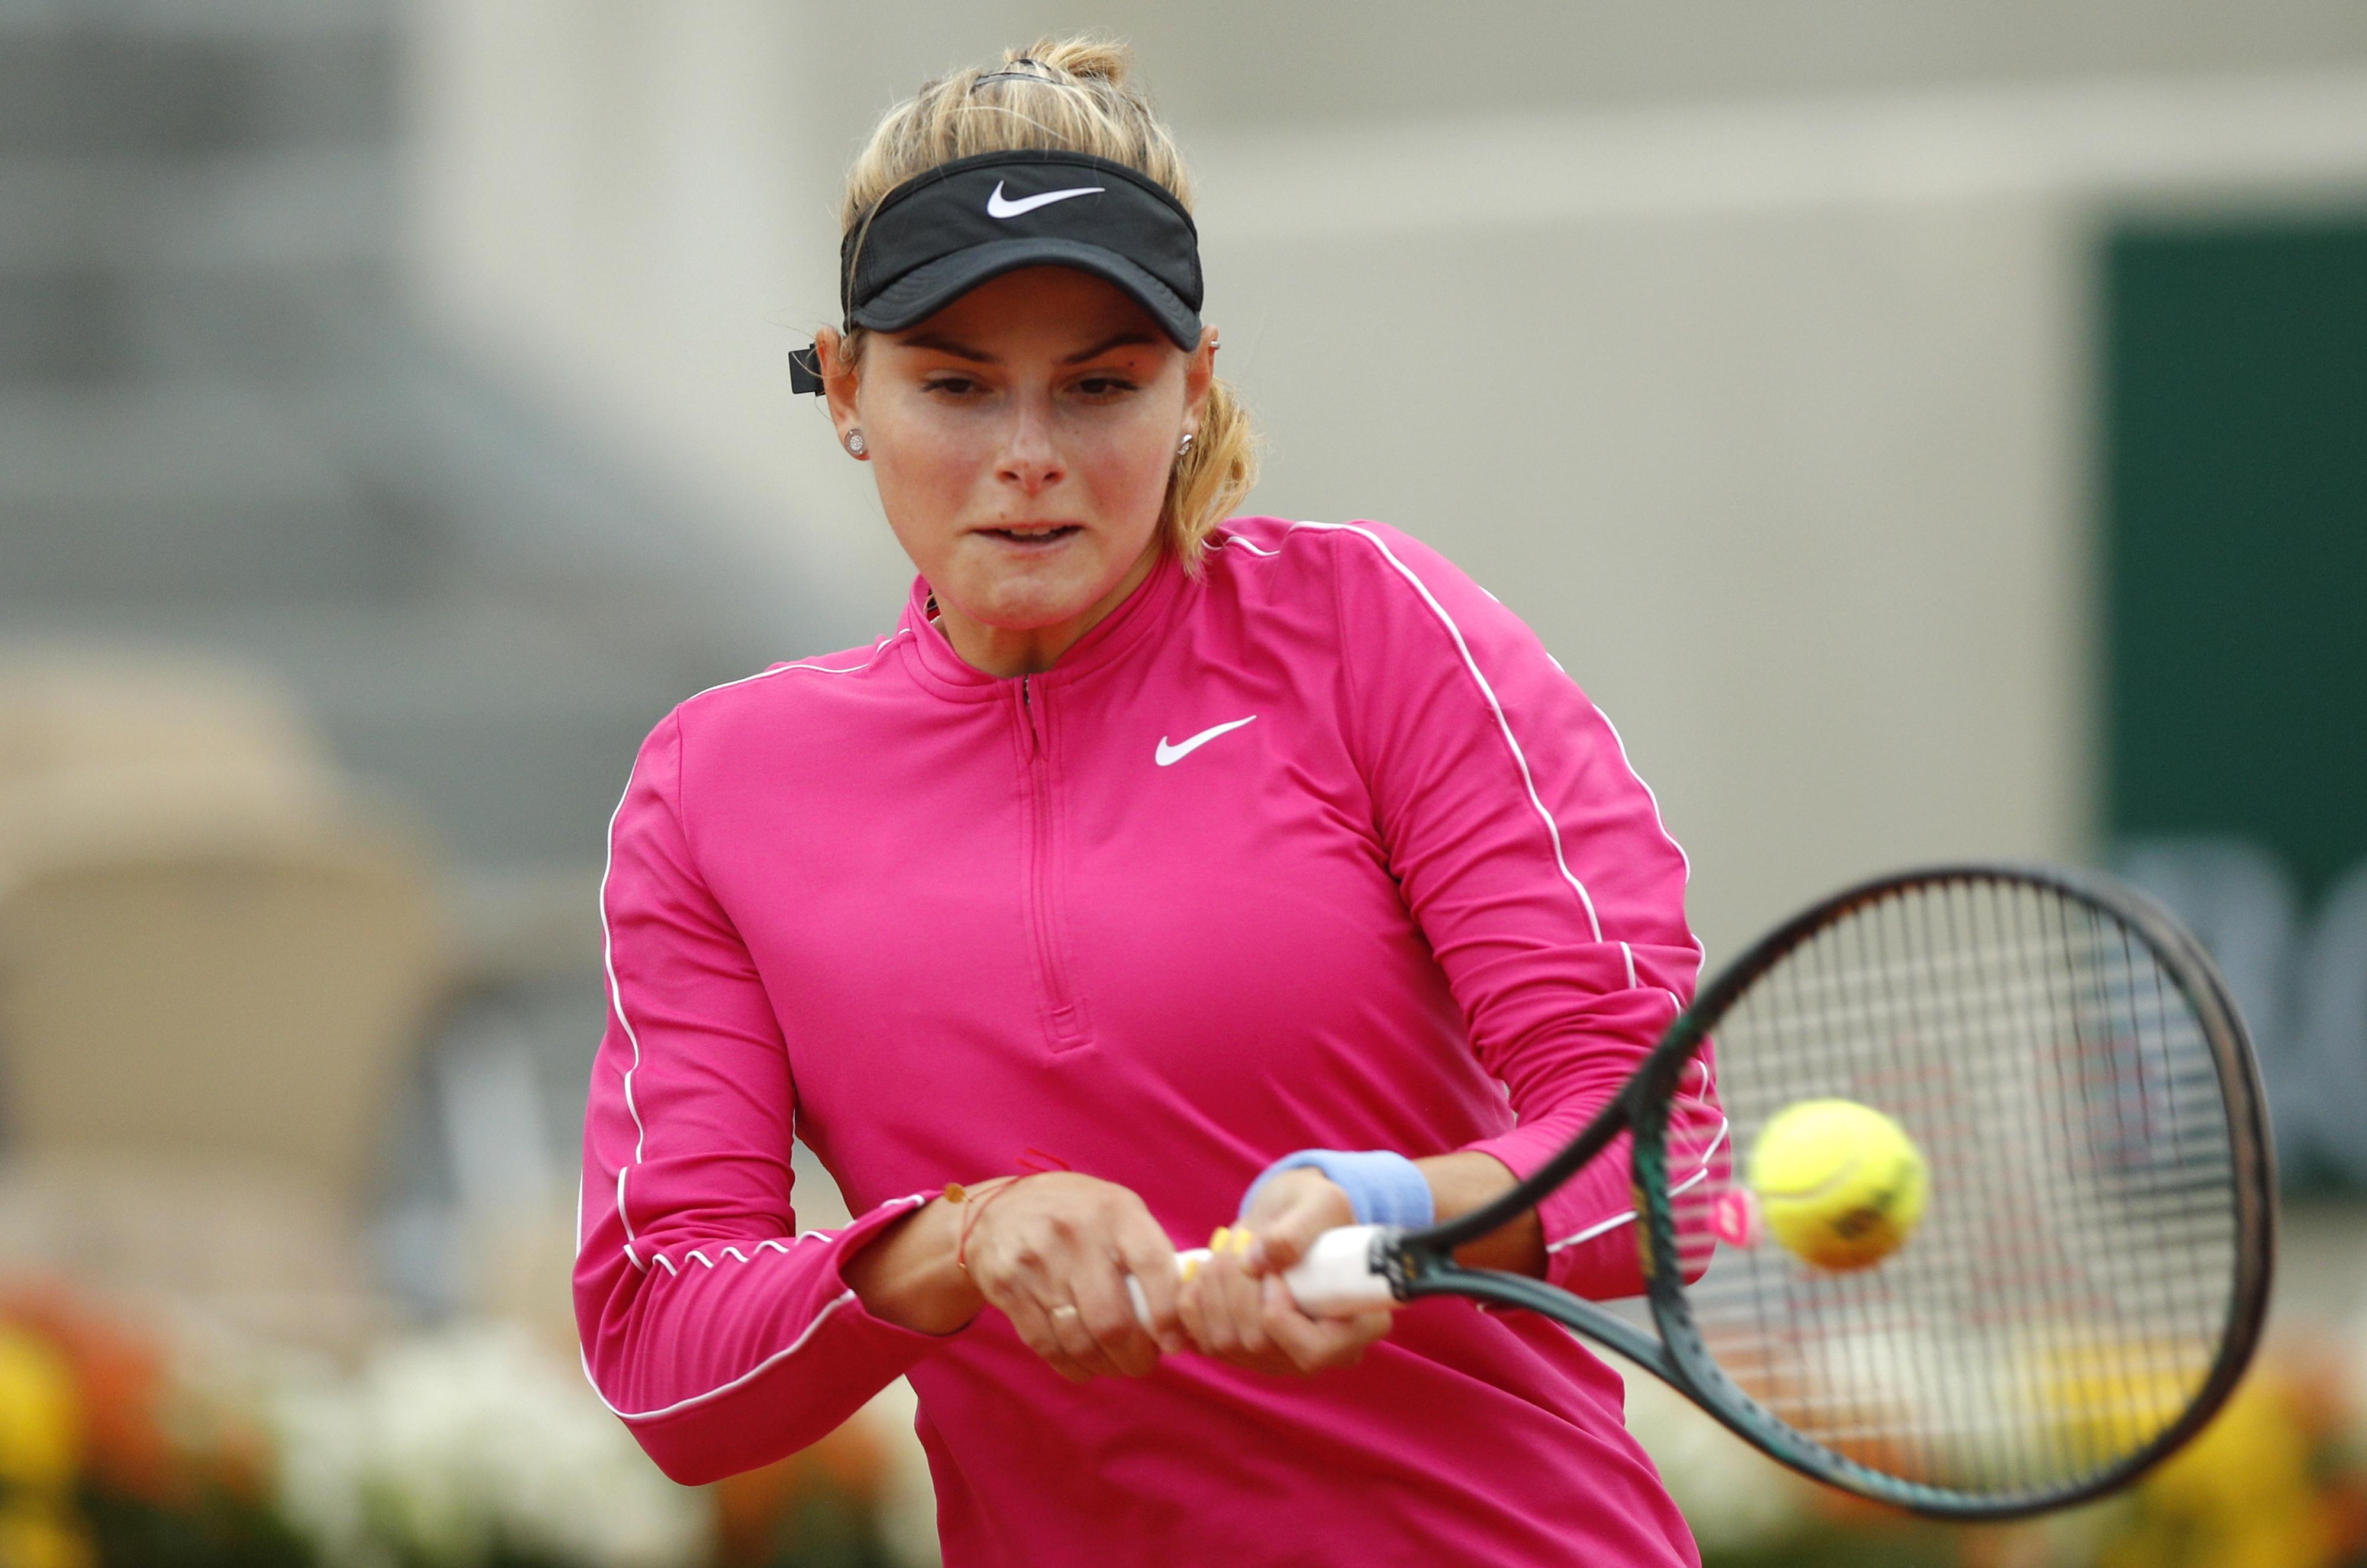 Tränen bei French Open: Tennis-Spielerin gingen die Schläger aus